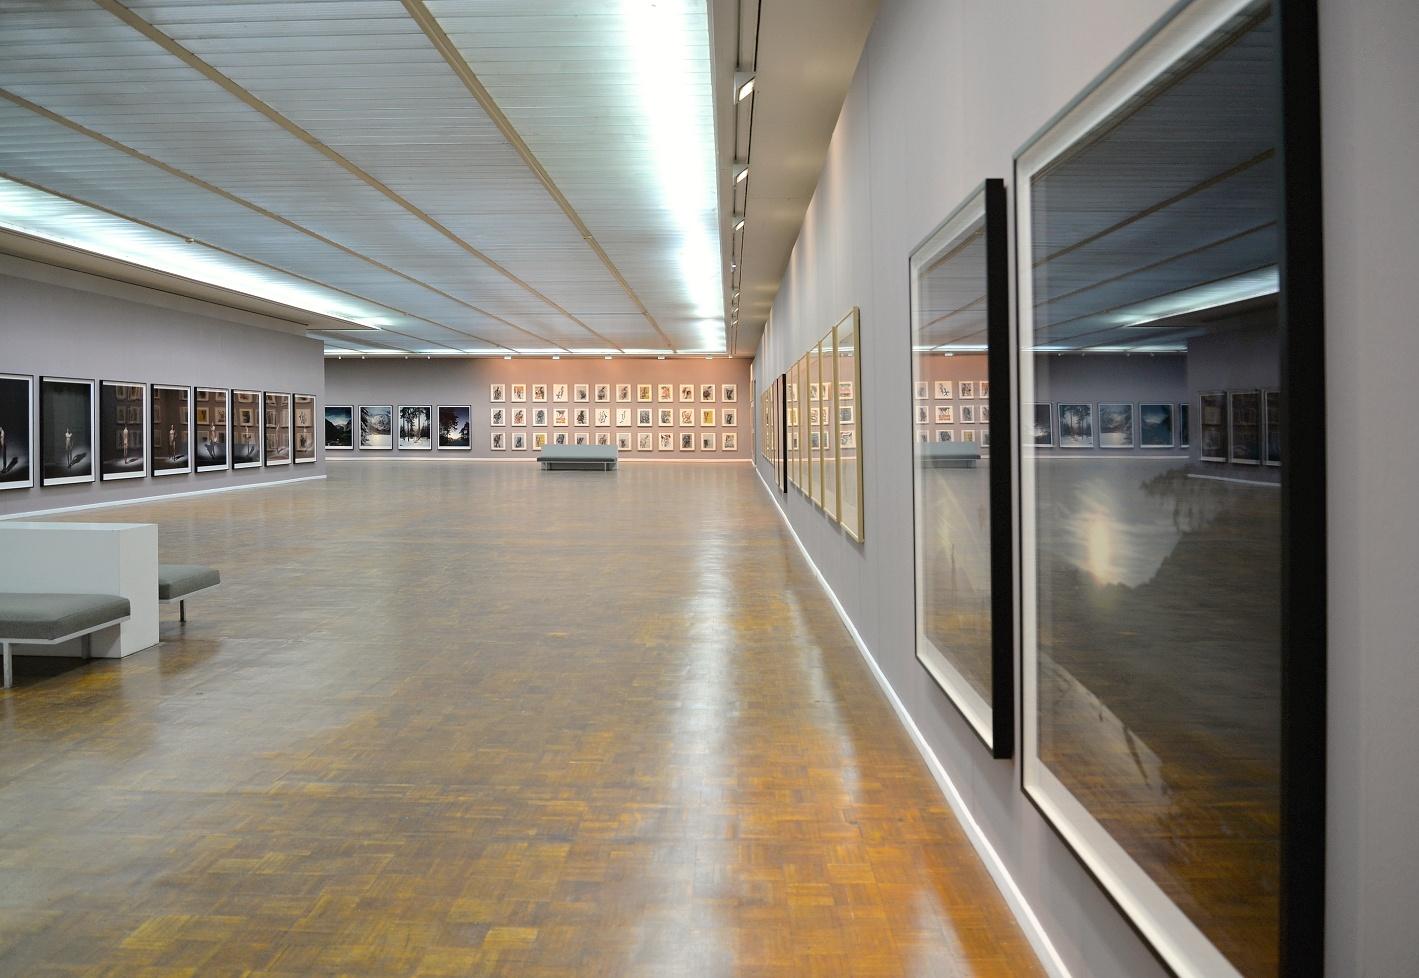 Kunsthalle rostock ancien r gime - Regime 16 8 ...